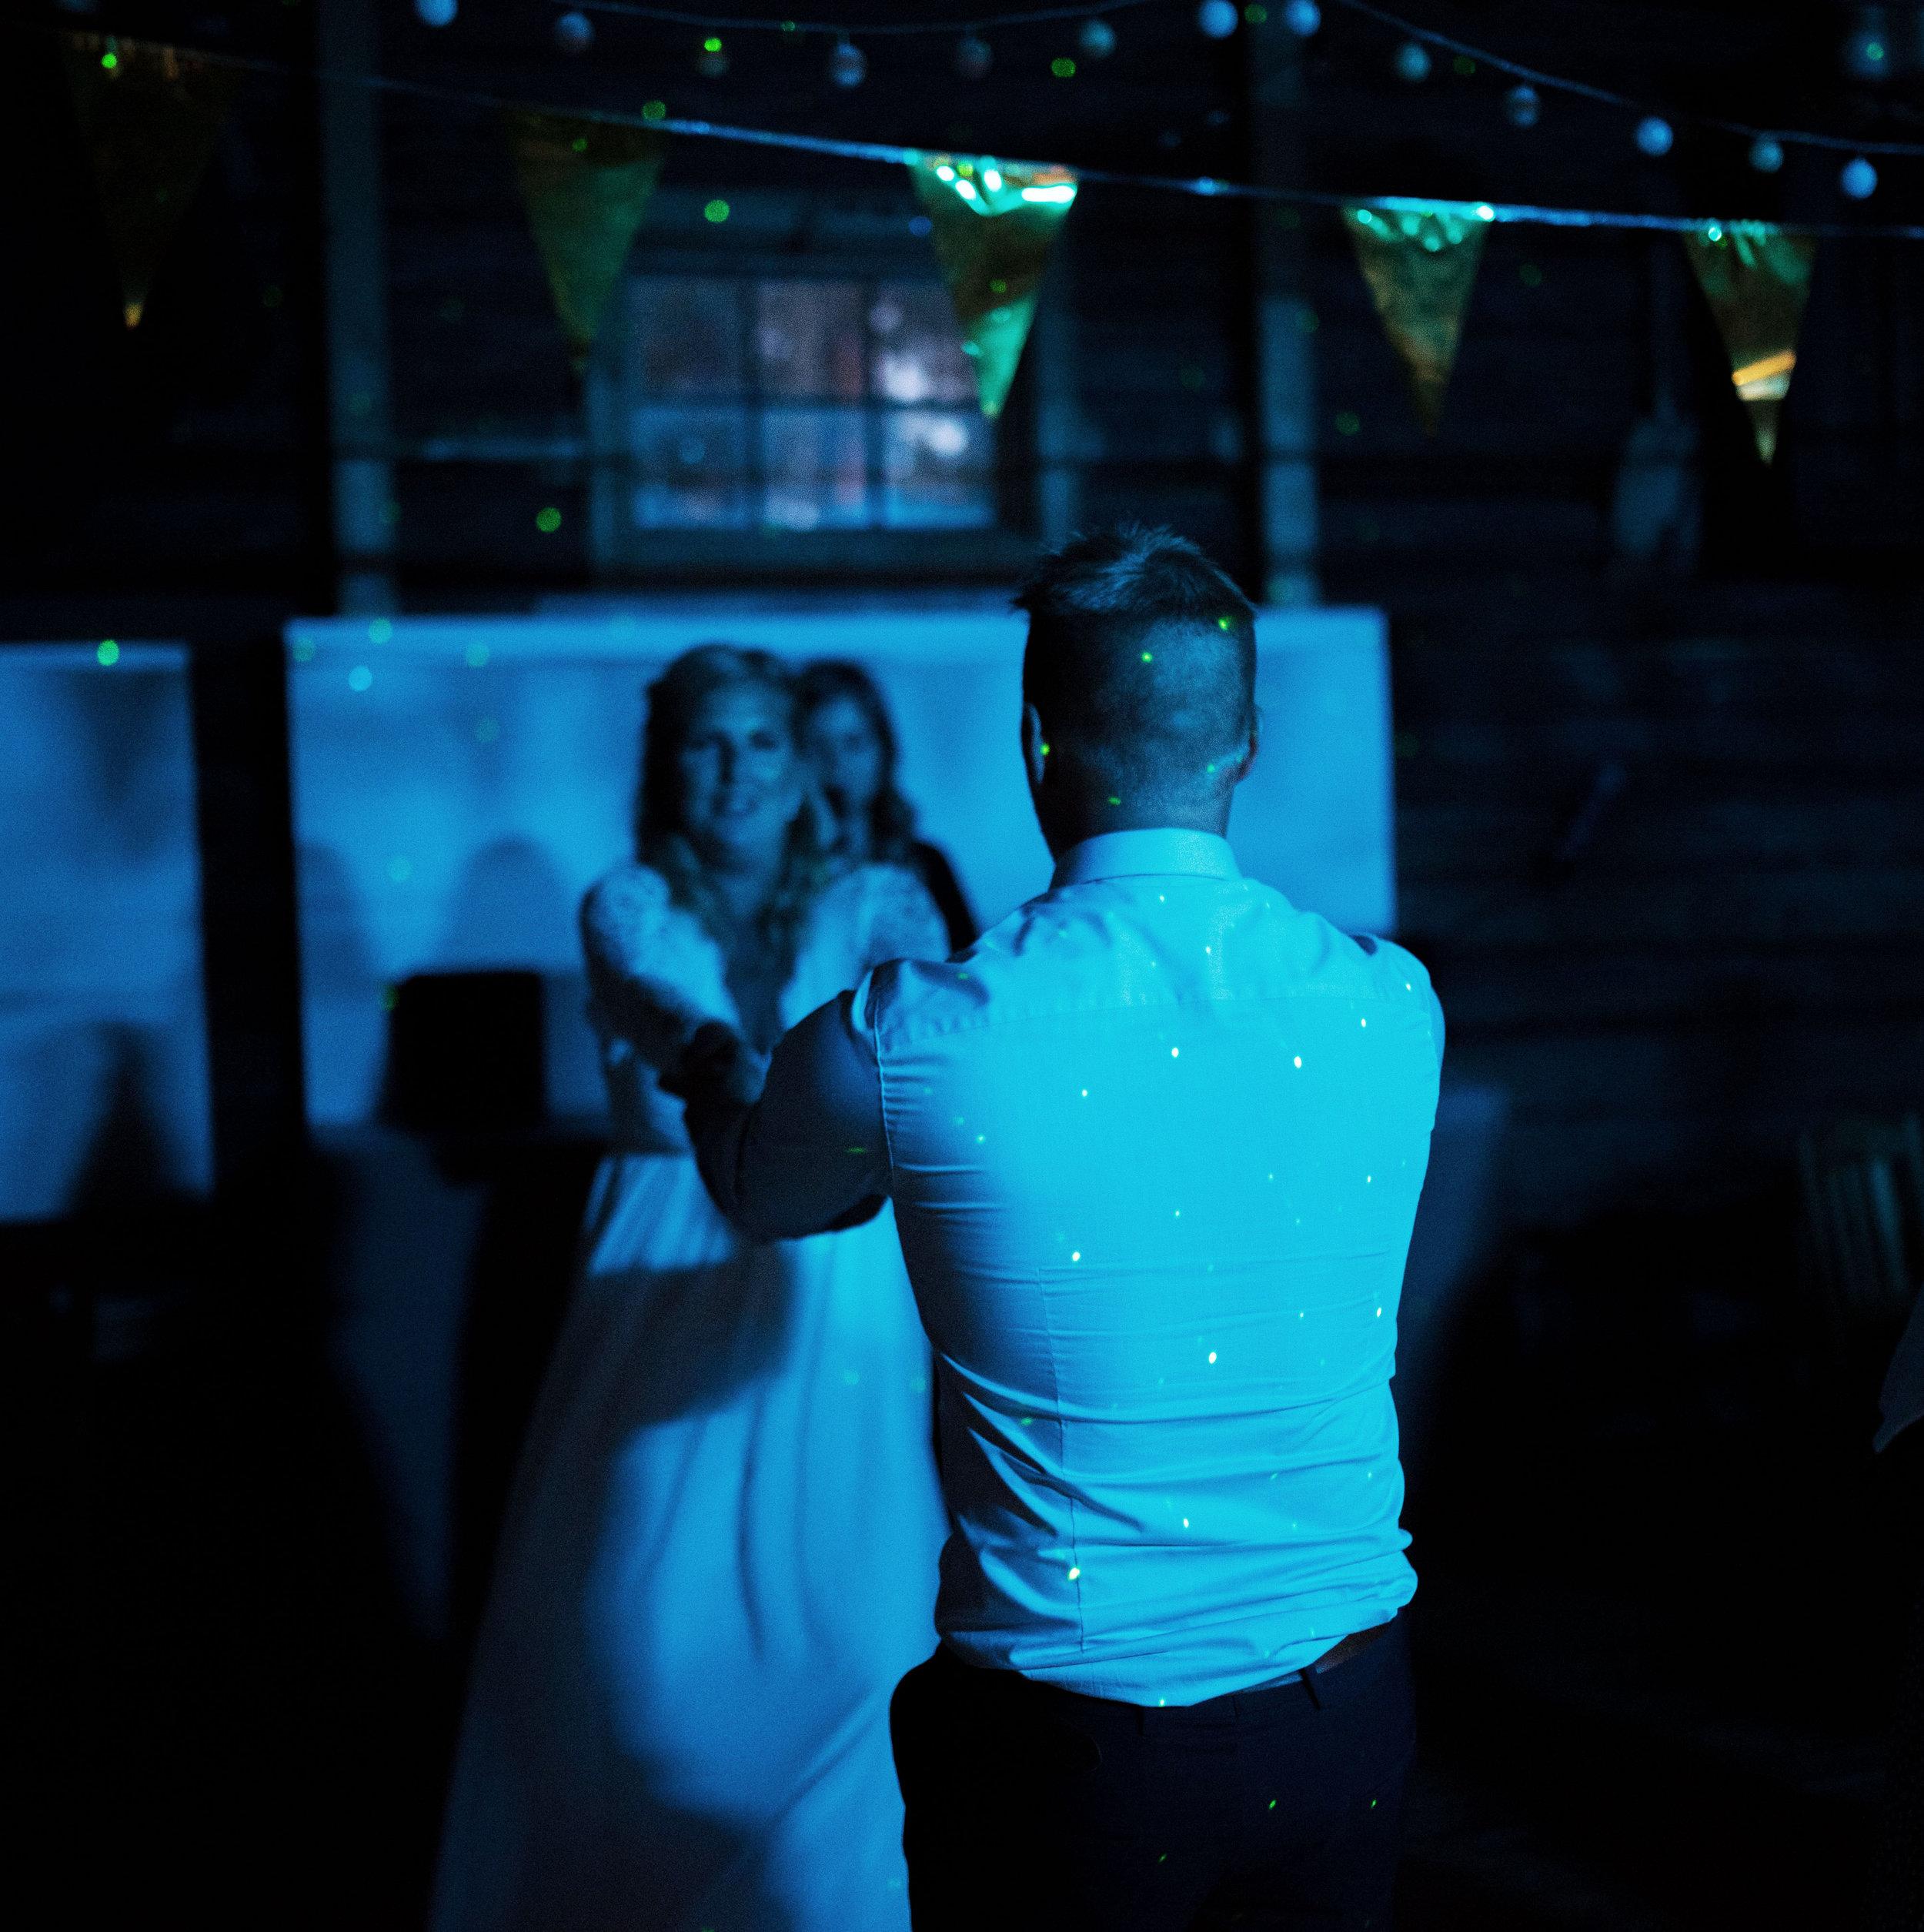 Bröllop2019lågkvall2-6497.jpg